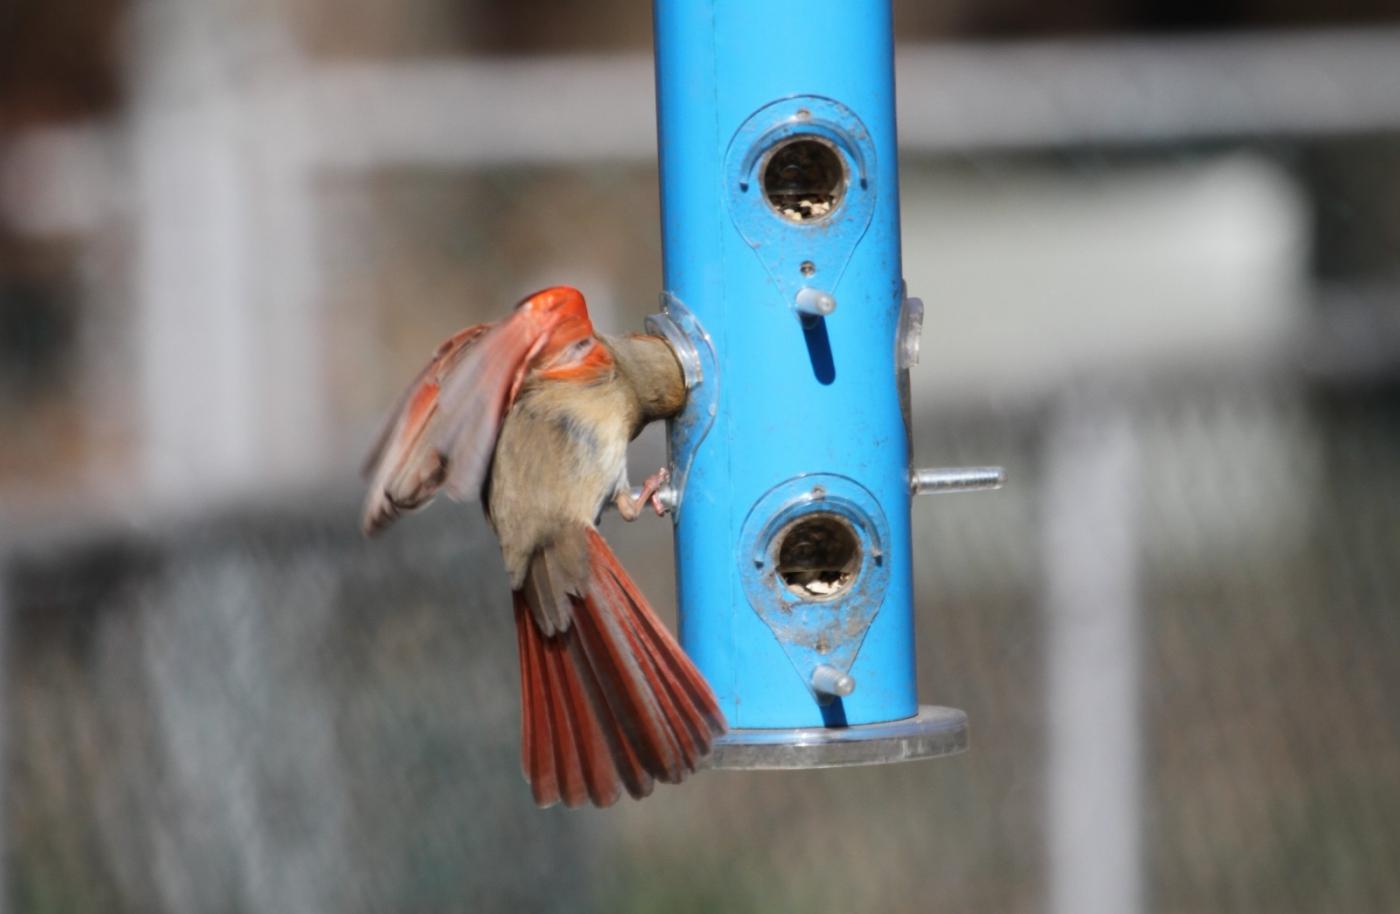 【田螺摄影】天暖了、把喂鸟器装满鸟就来了_图1-8